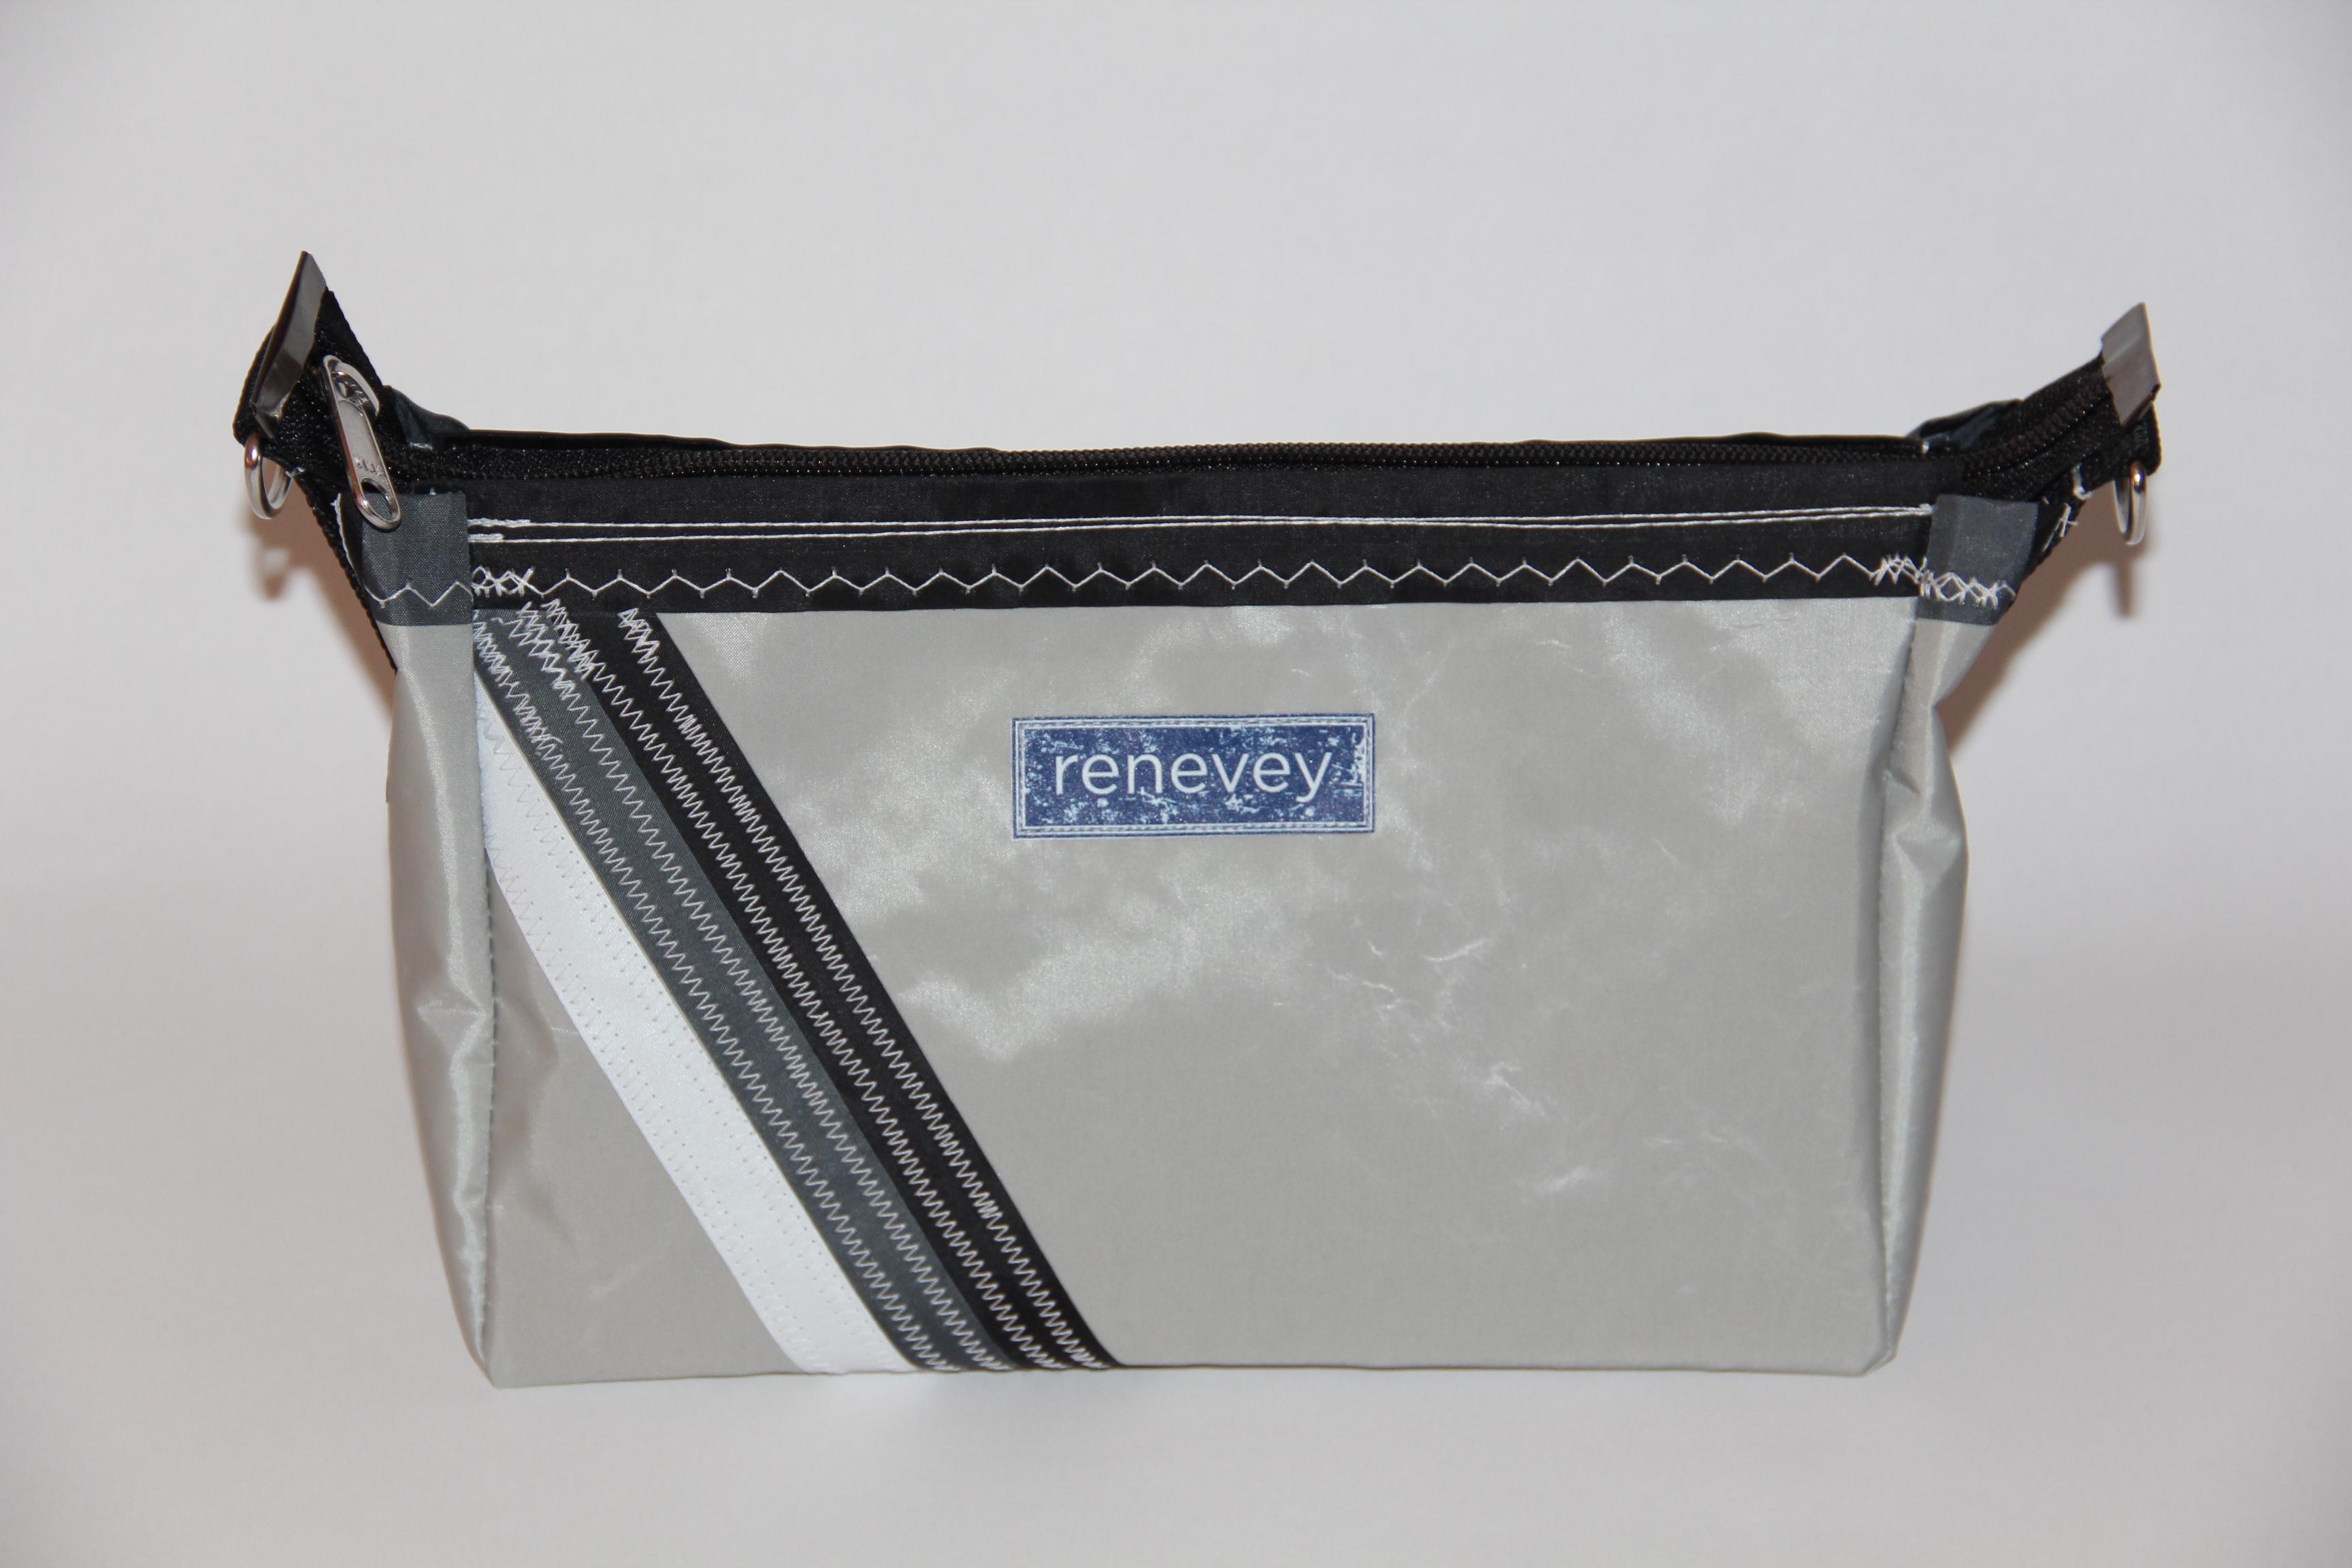 Damentasche / Necessaire